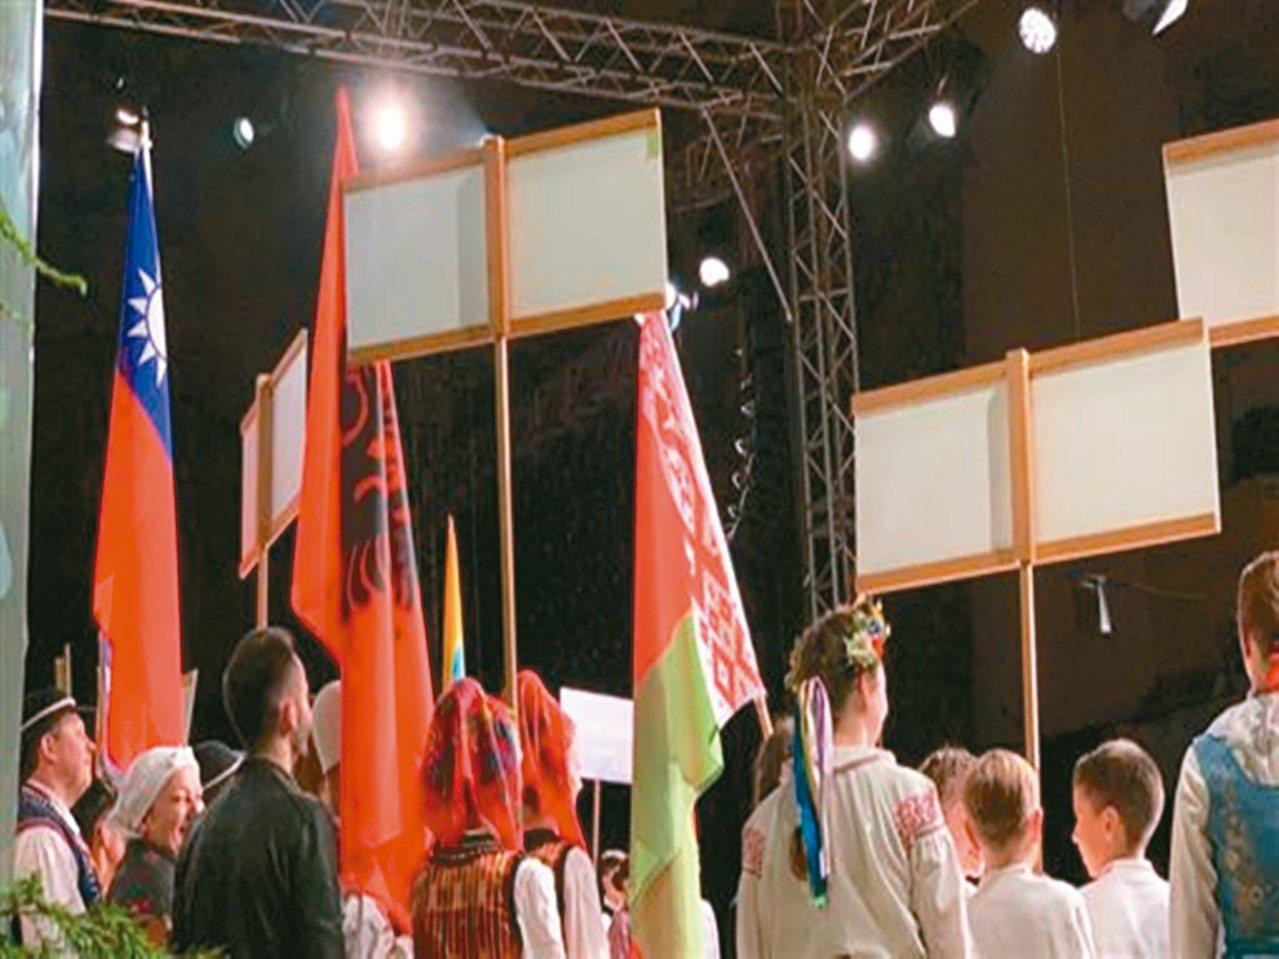 椰油國小學生開幕典禮上堅持中華民國國旗入場,讓國旗飄揚在國際舞台上。 圖/翻攝自...